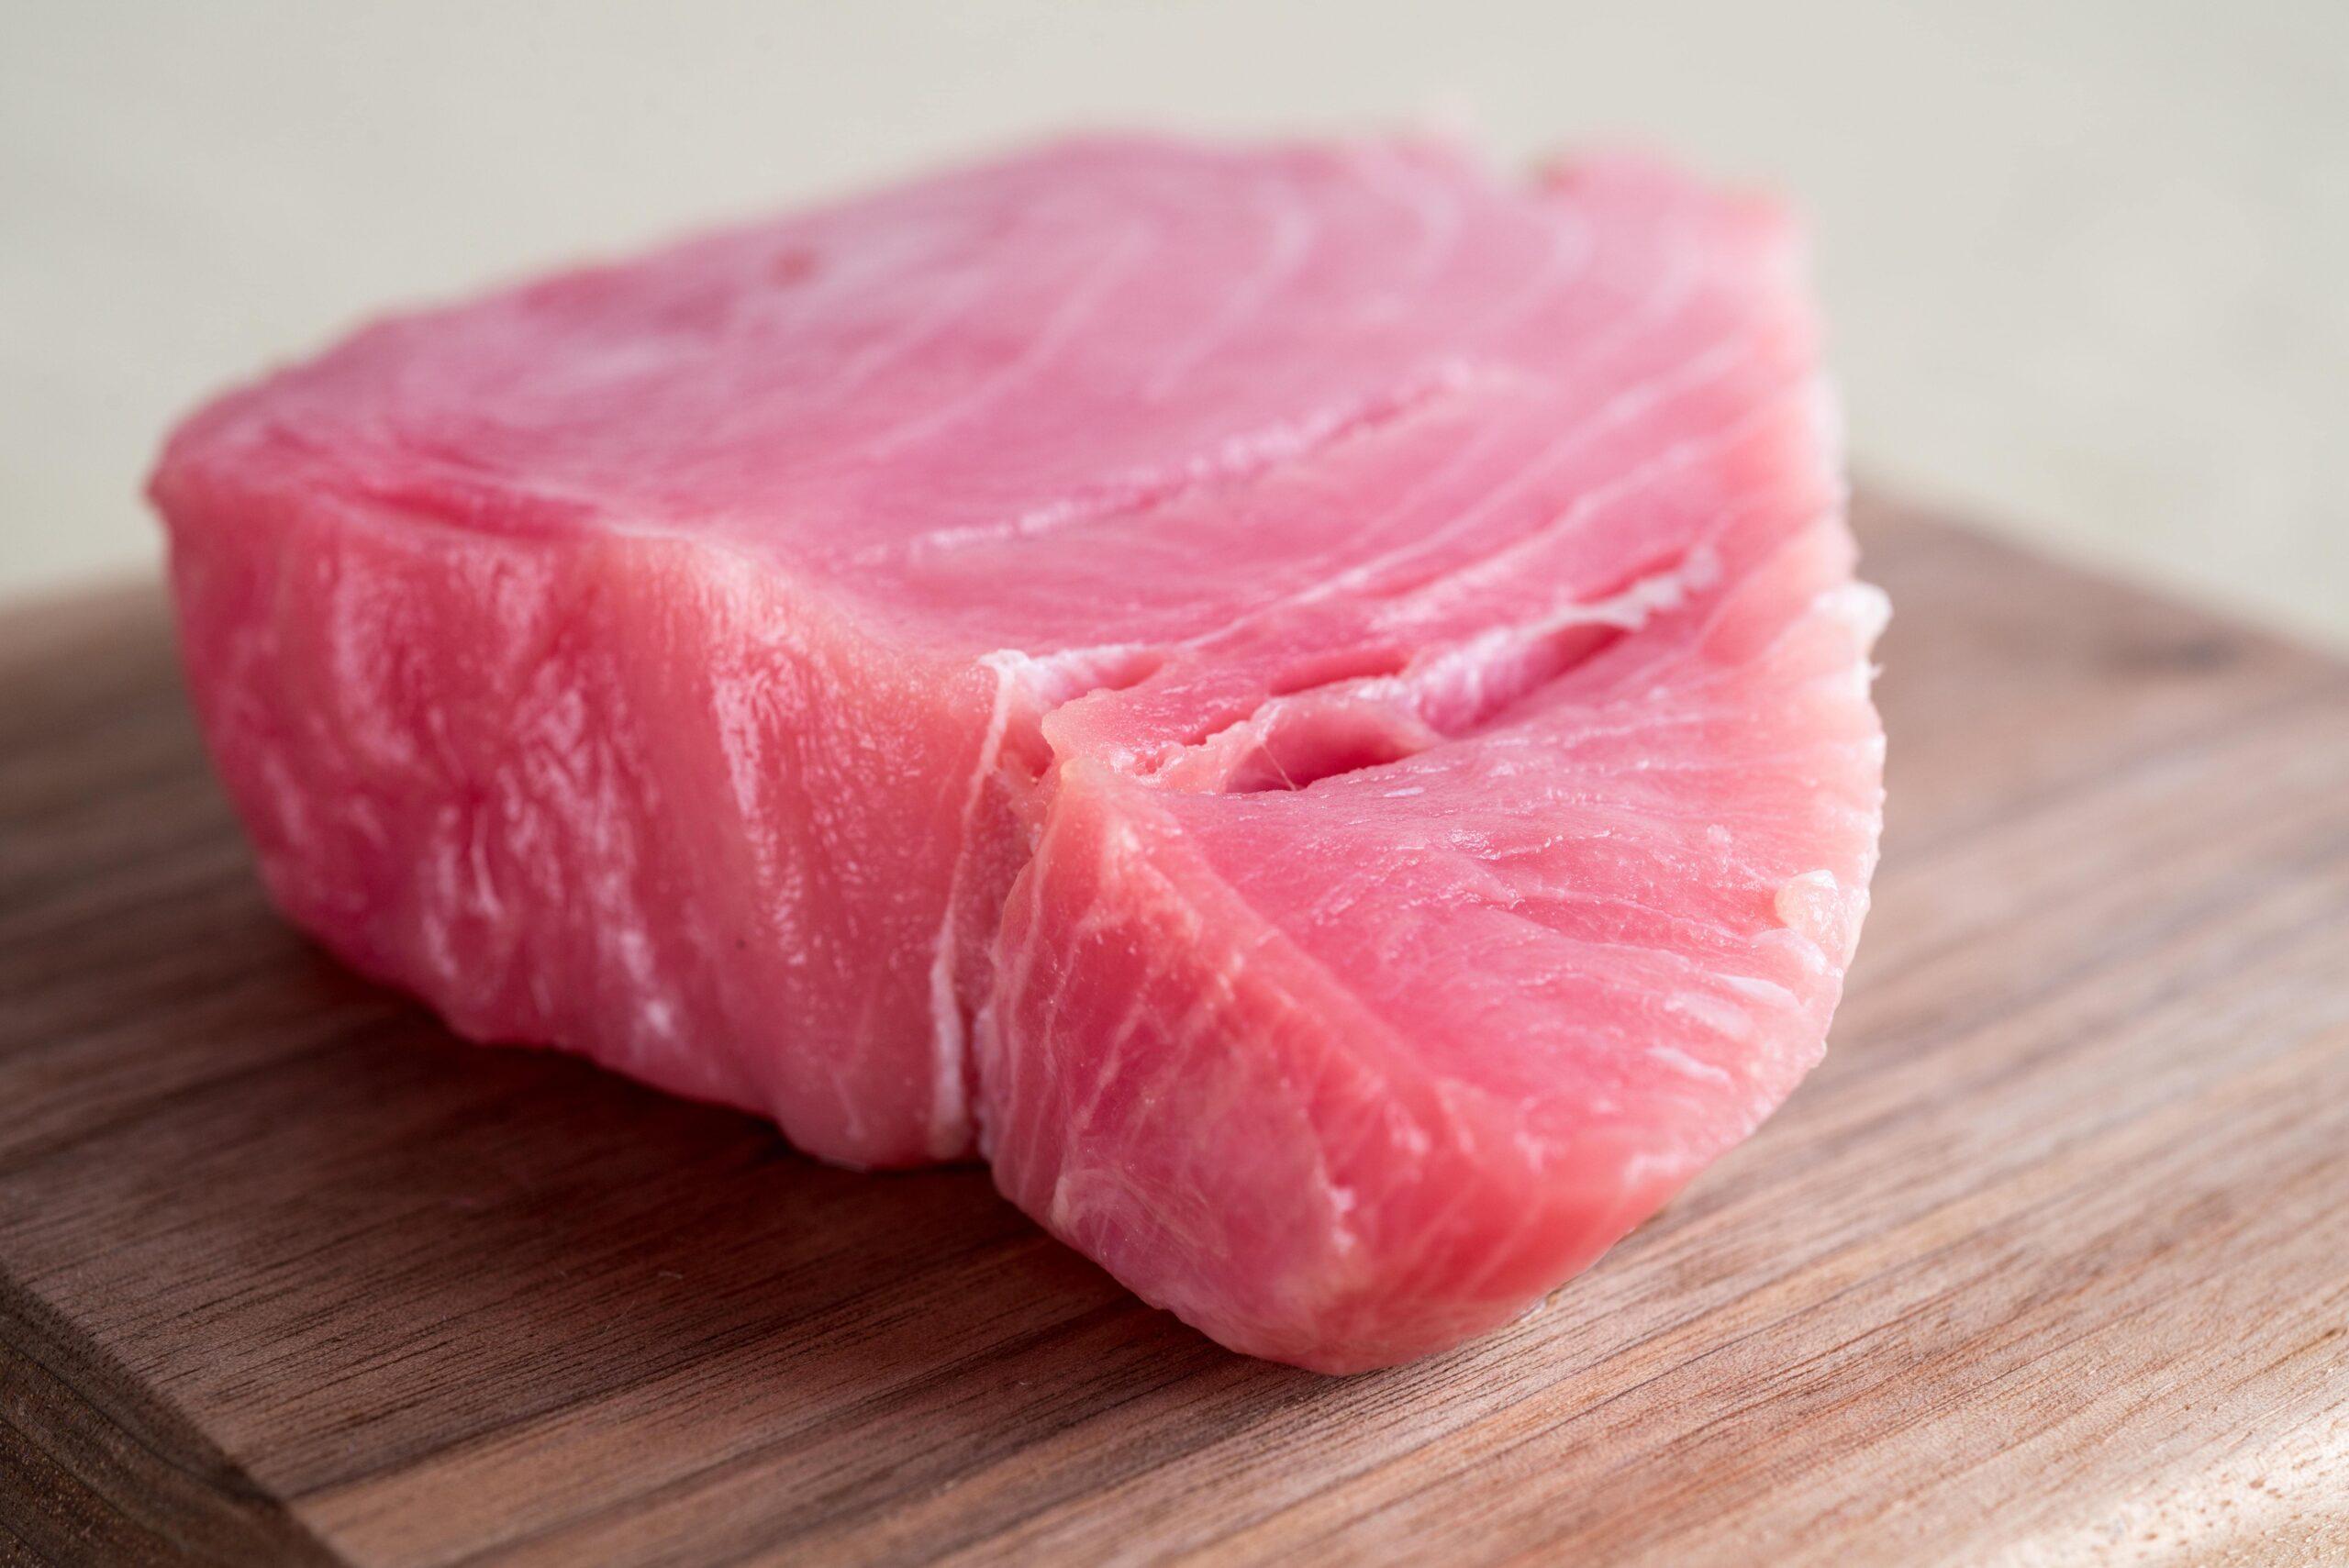 sushi-grade fish